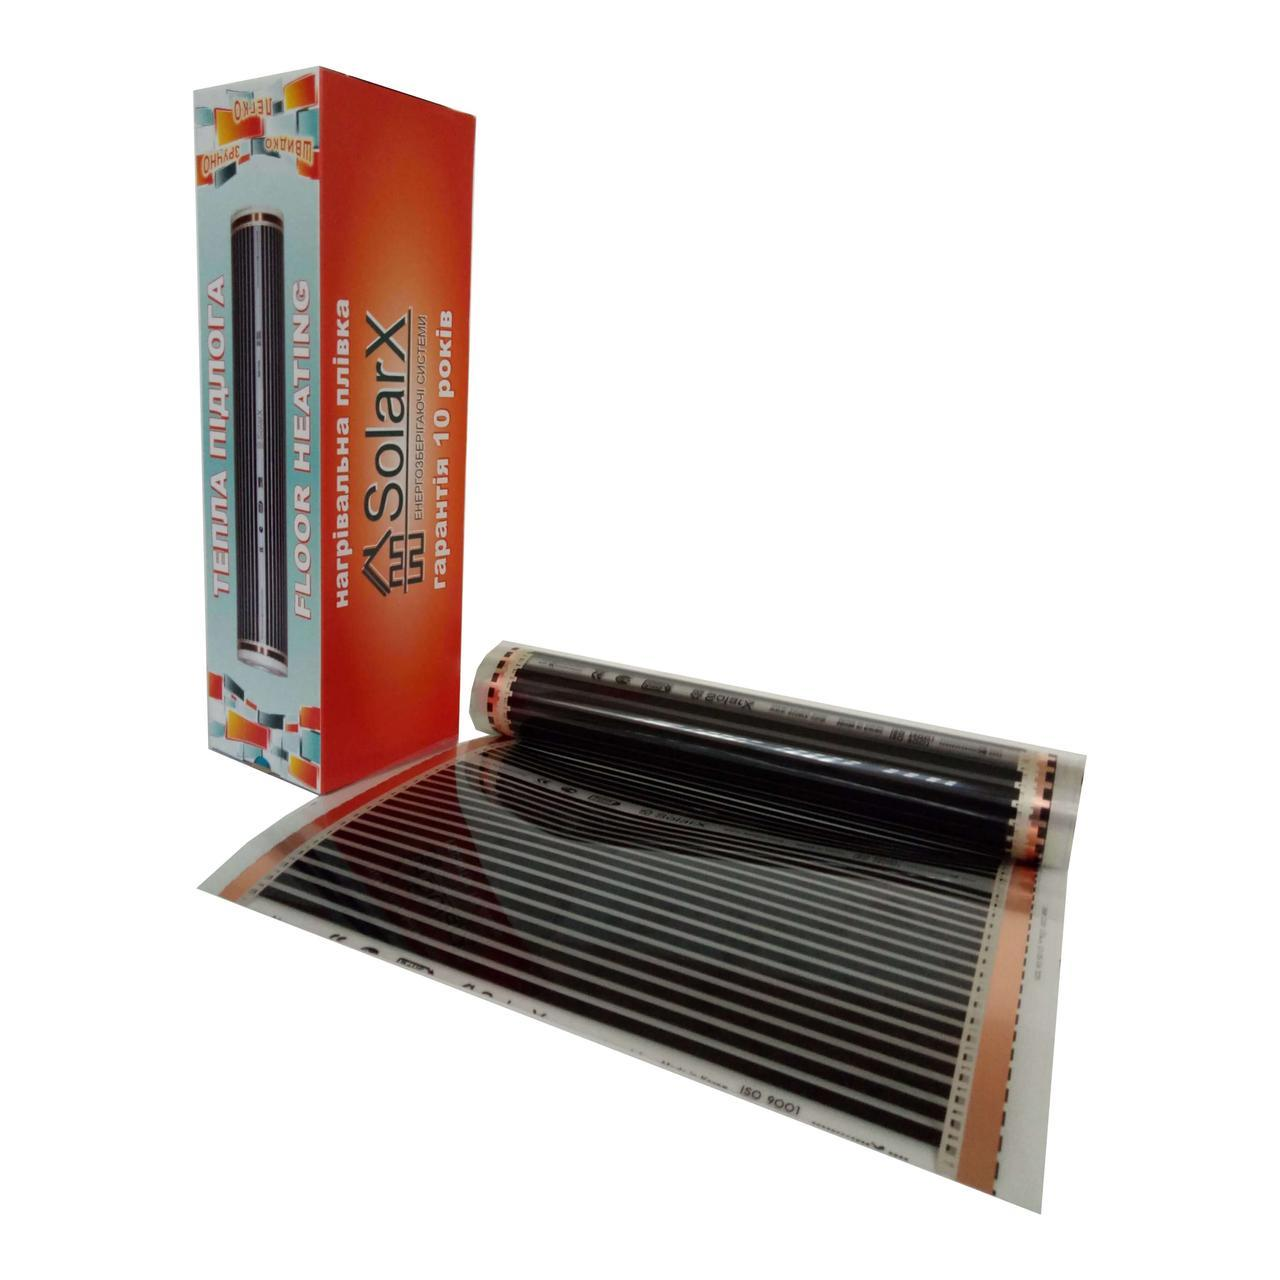 Теплый пол- комплект на 9 м2  инфракрасной нагревательной пленки SolarX ширина 50 см мощность 2700Вт